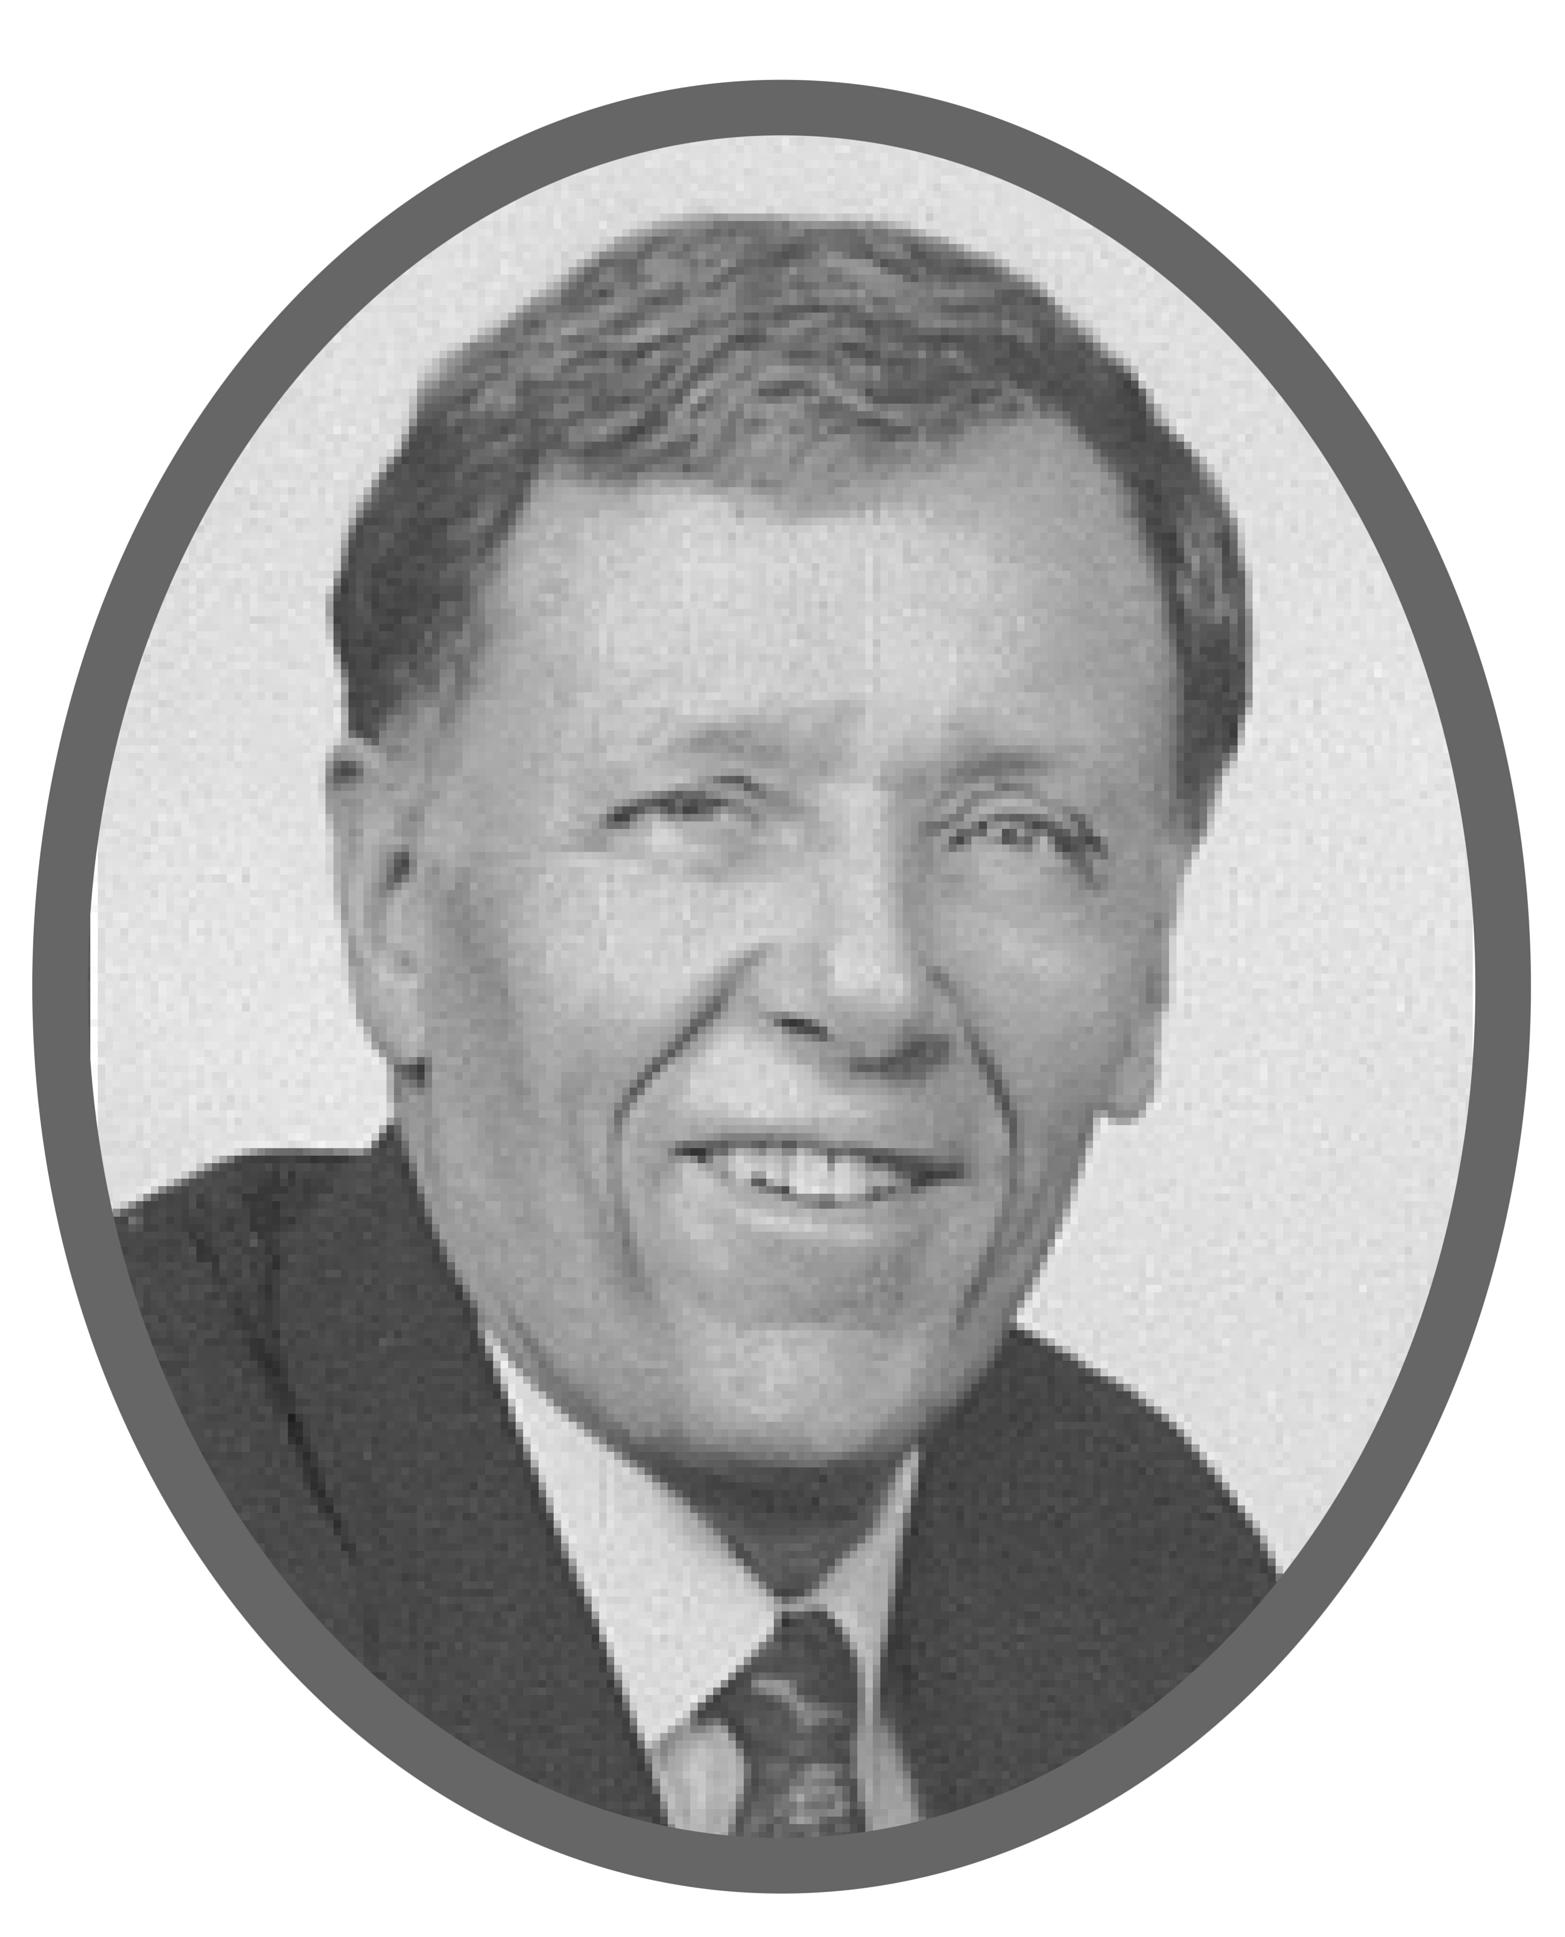 Philip P. Perry